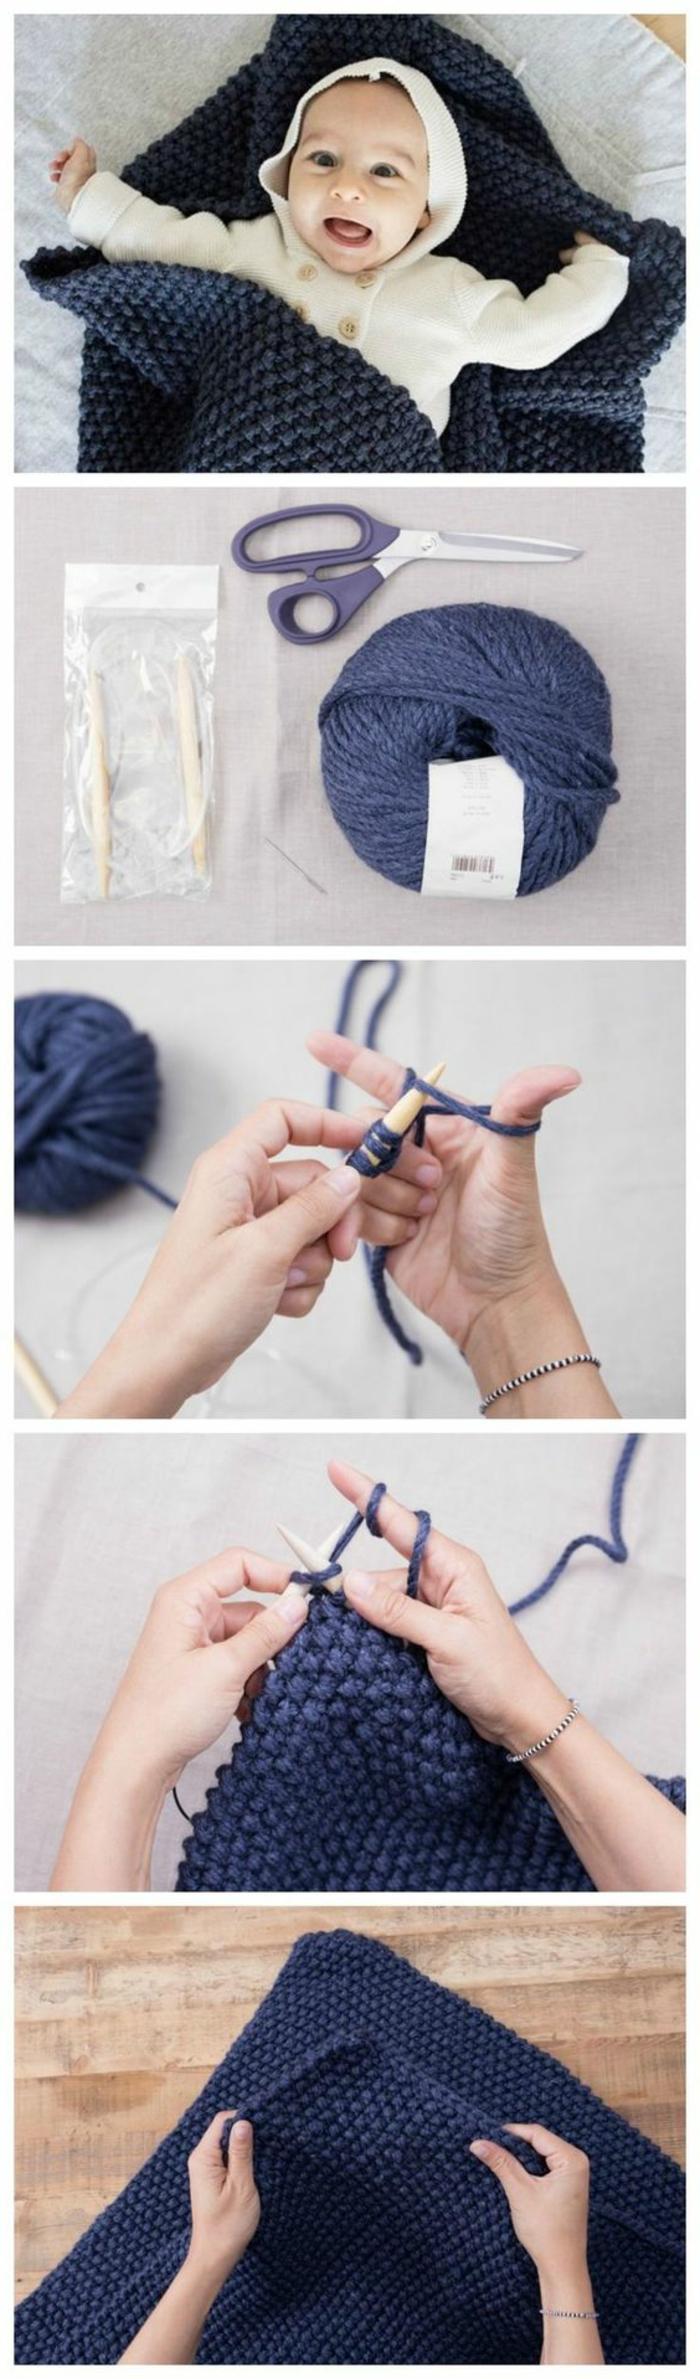 idée cadeau bricolage, tutoriel comment fabriquer un plaid pour bébé avec boule de laine, diy plaid en crochet